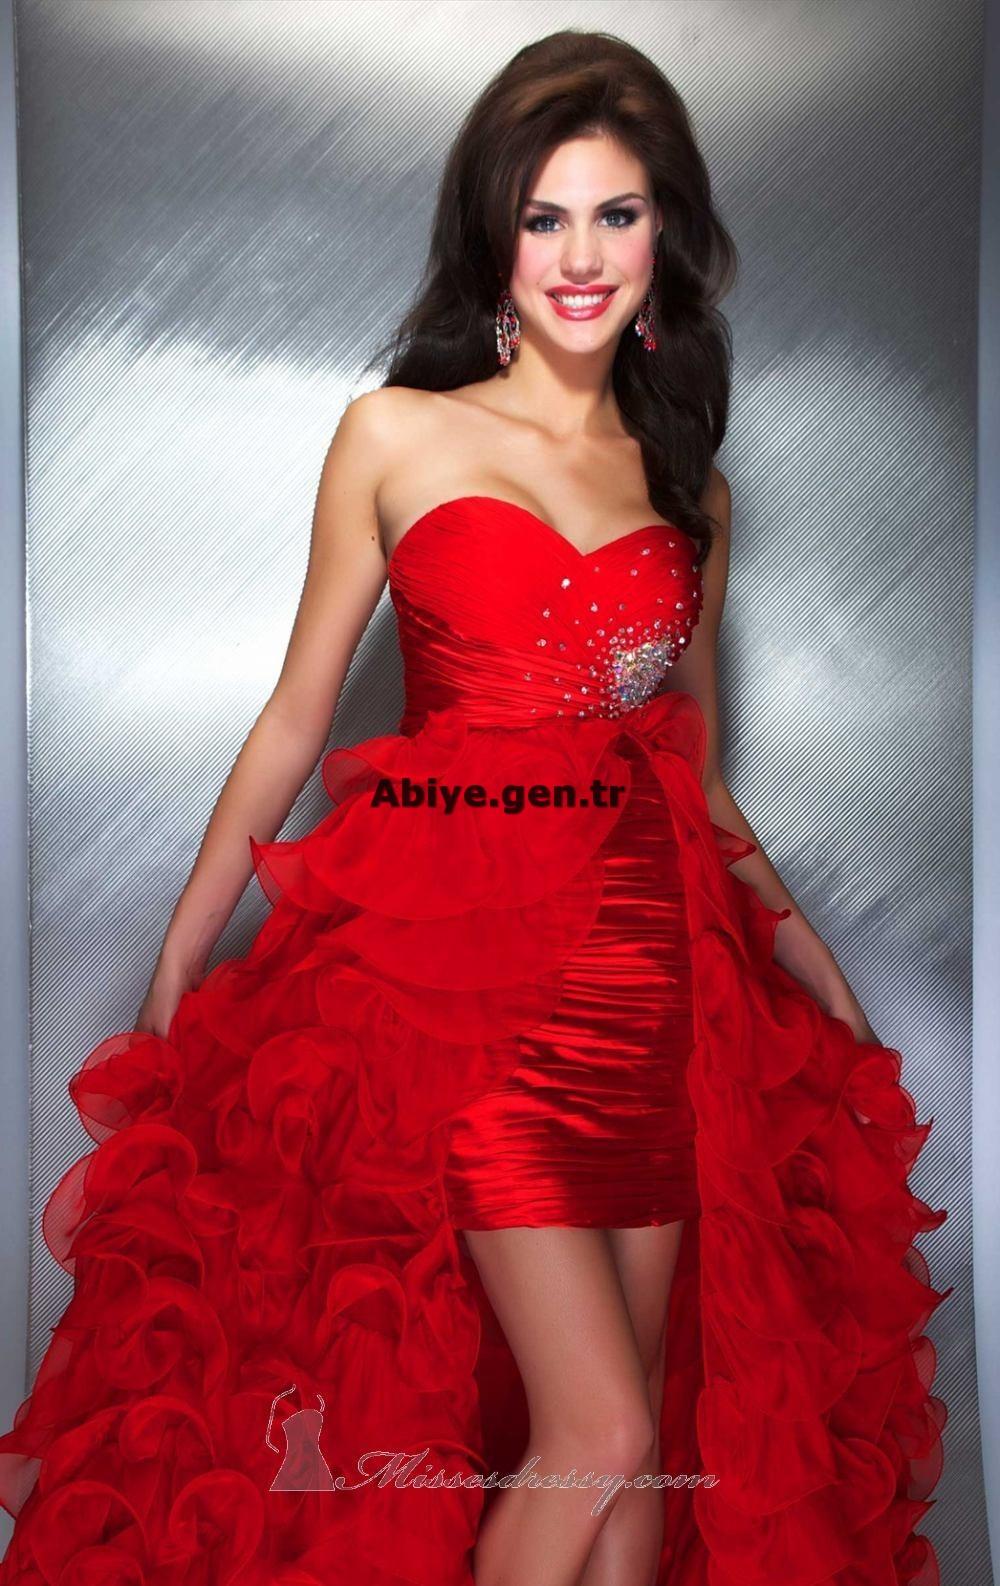 2013 2014 abiye modelleri gece kıyafetleri balo parti elbiseleri